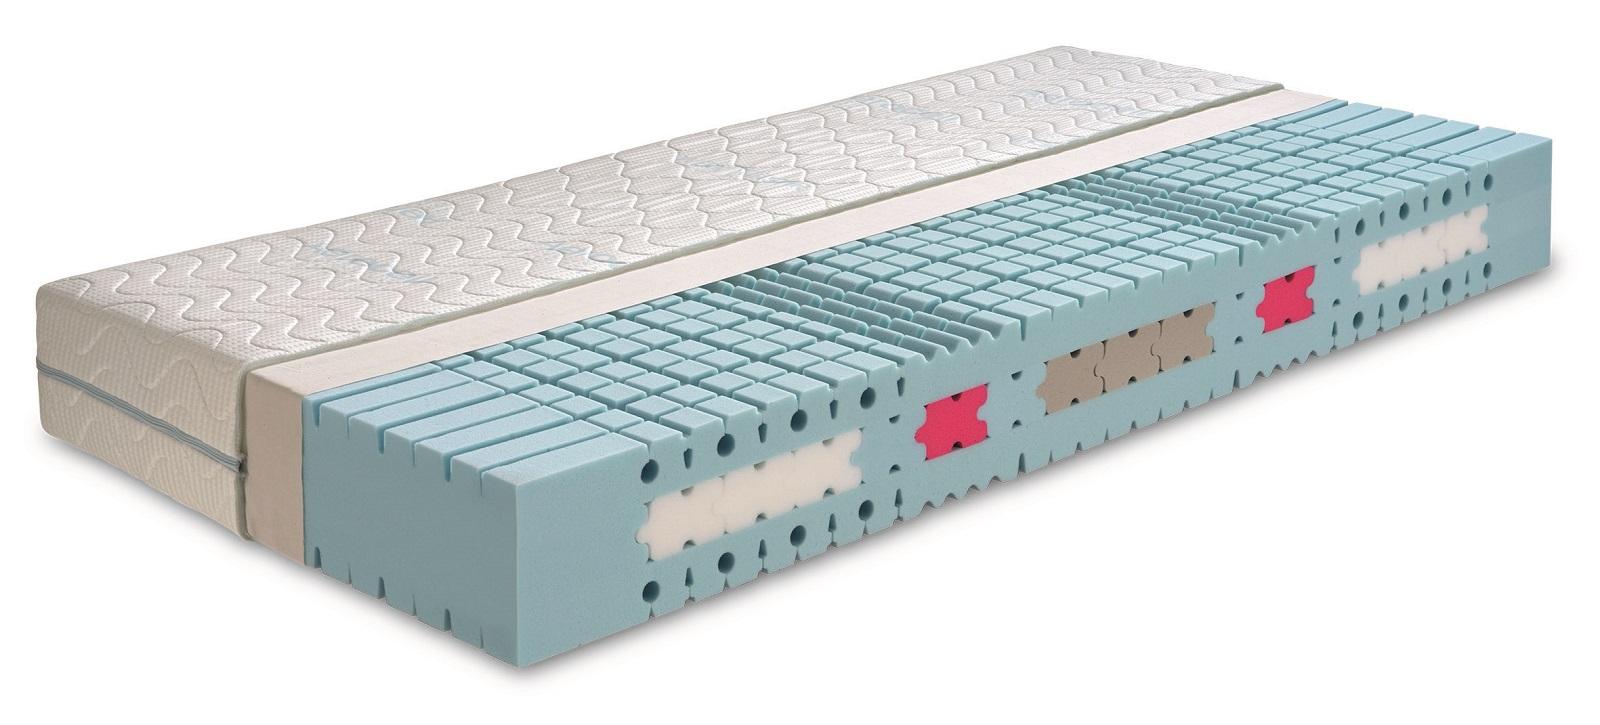 Werkmeister Matratze S55 KOMFORT Komfortschaum erhöhter Liegekomfort Kern ca. 20